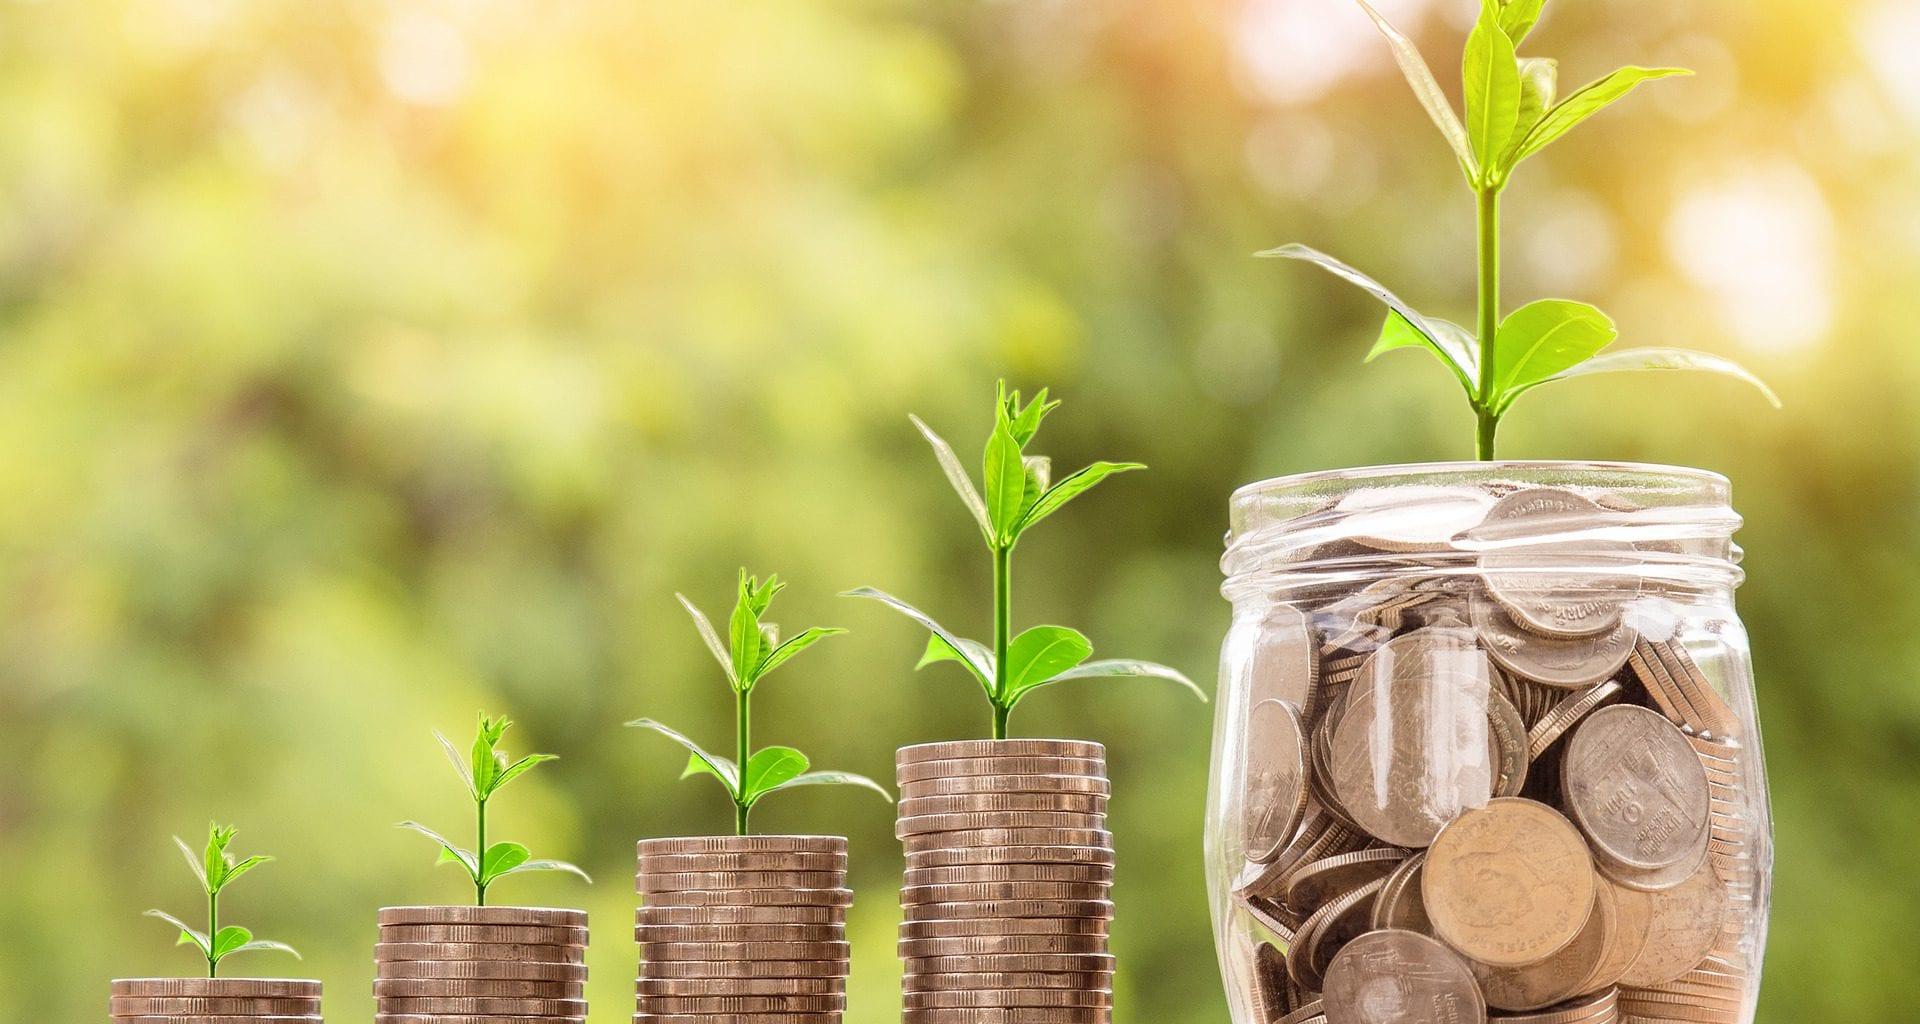 Hoe werkt het terugvorderen van de betaalde transitievergoeding? Lees hier 8 tips